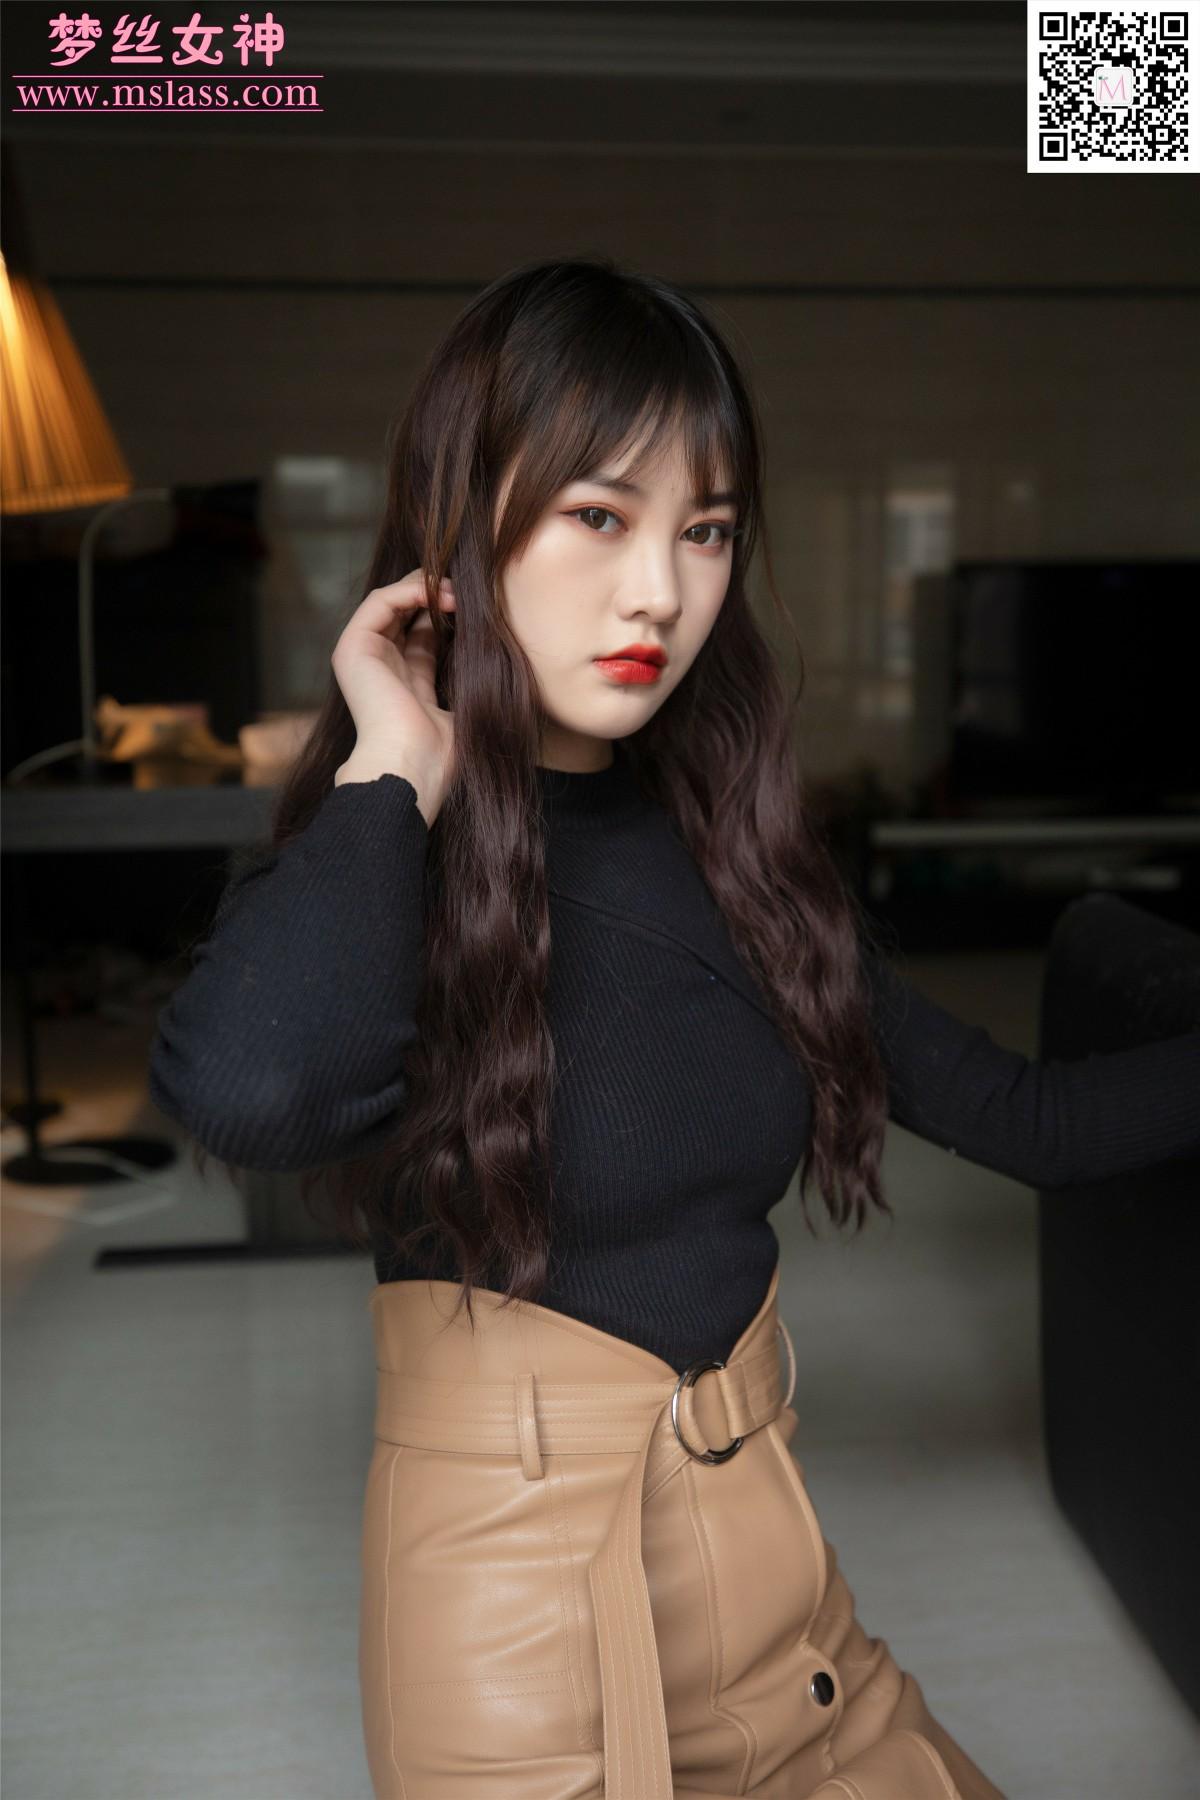 [MSLASS]梦丝女神 – 小唐嫣 旗袍包裹